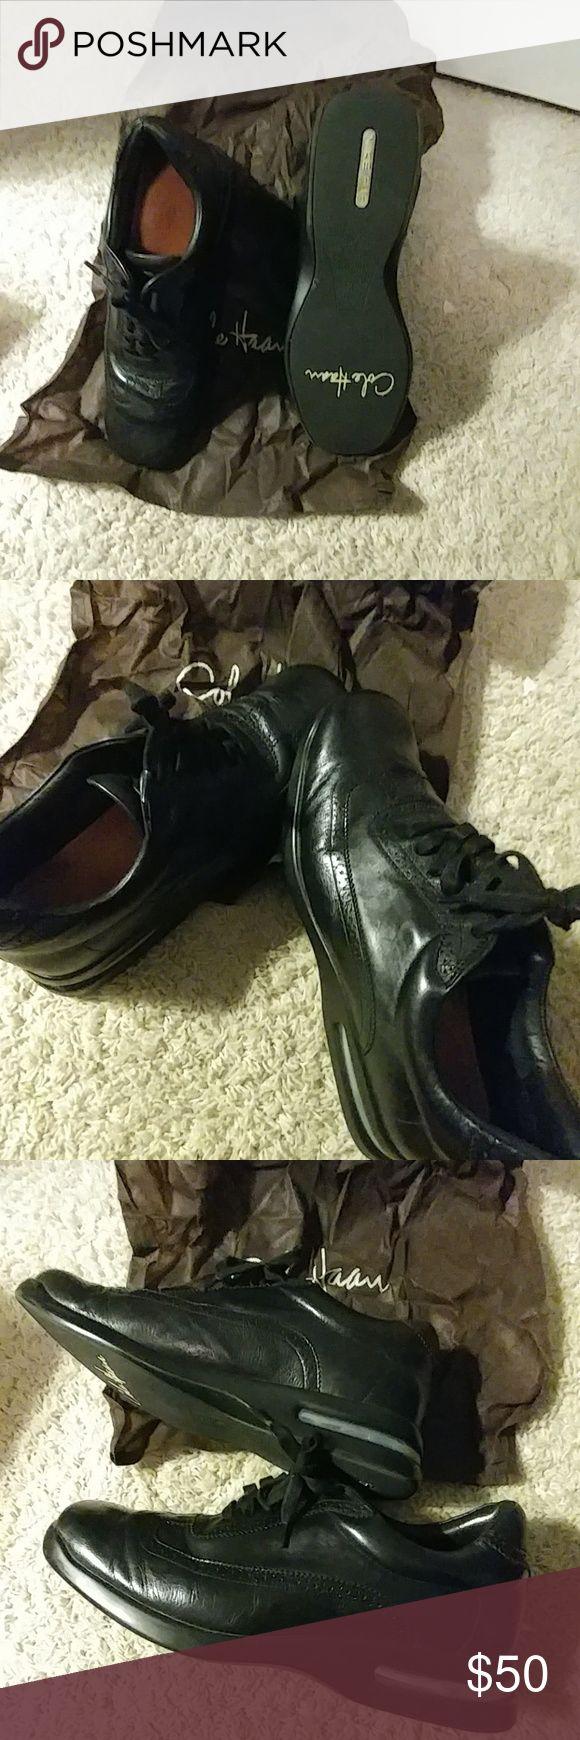 Cole Hann Black Leather Shoes Shoes